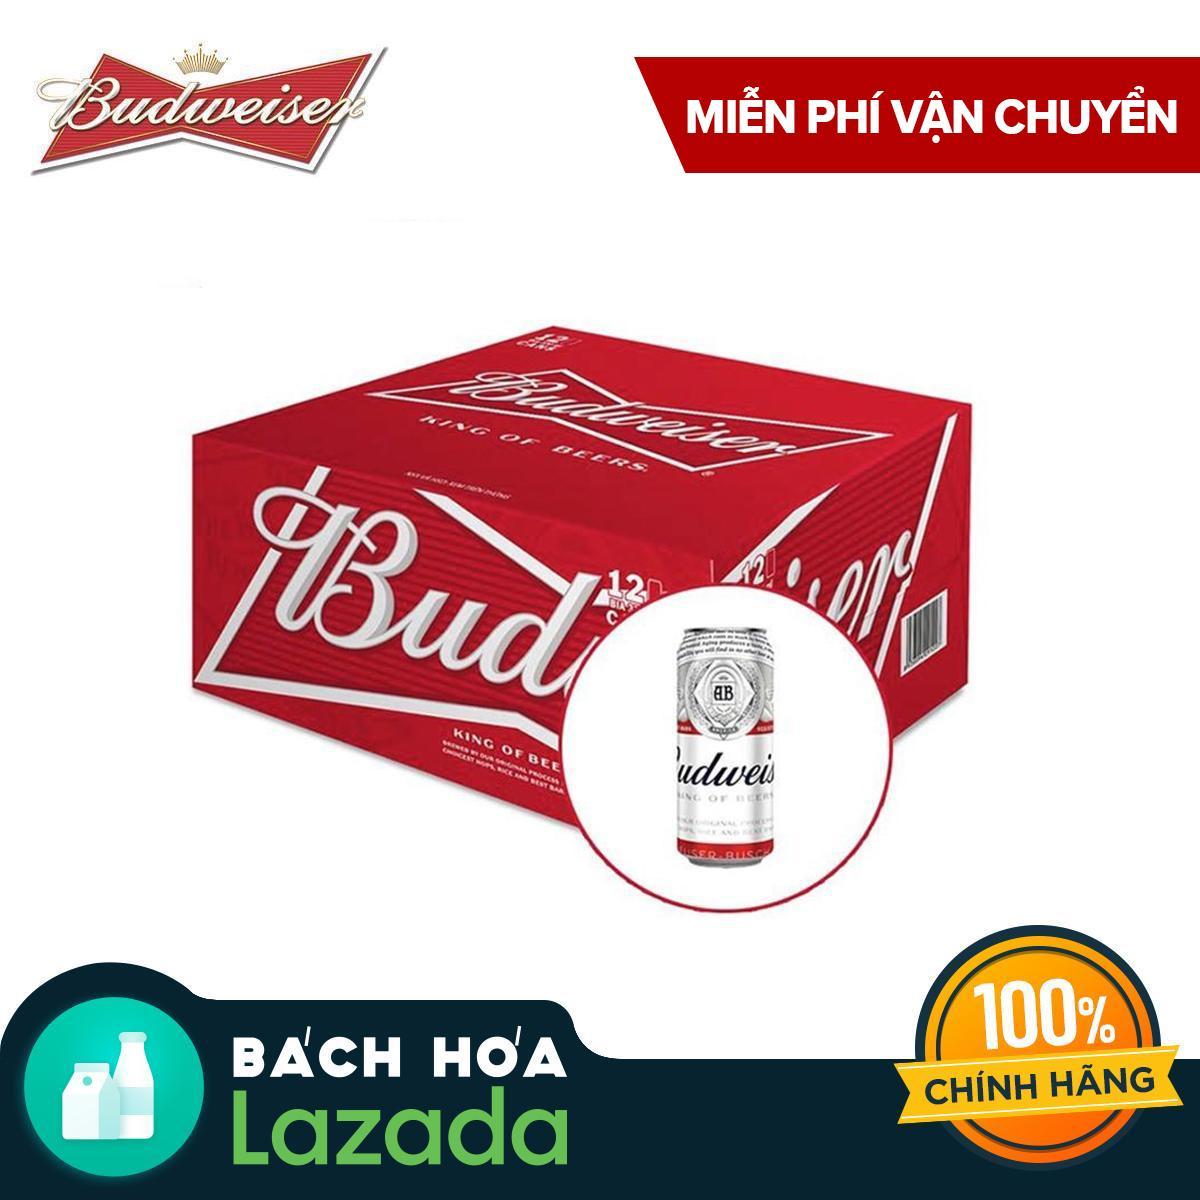 Thùng 12 lon Bia Budweiser 500ml Nhật Bản